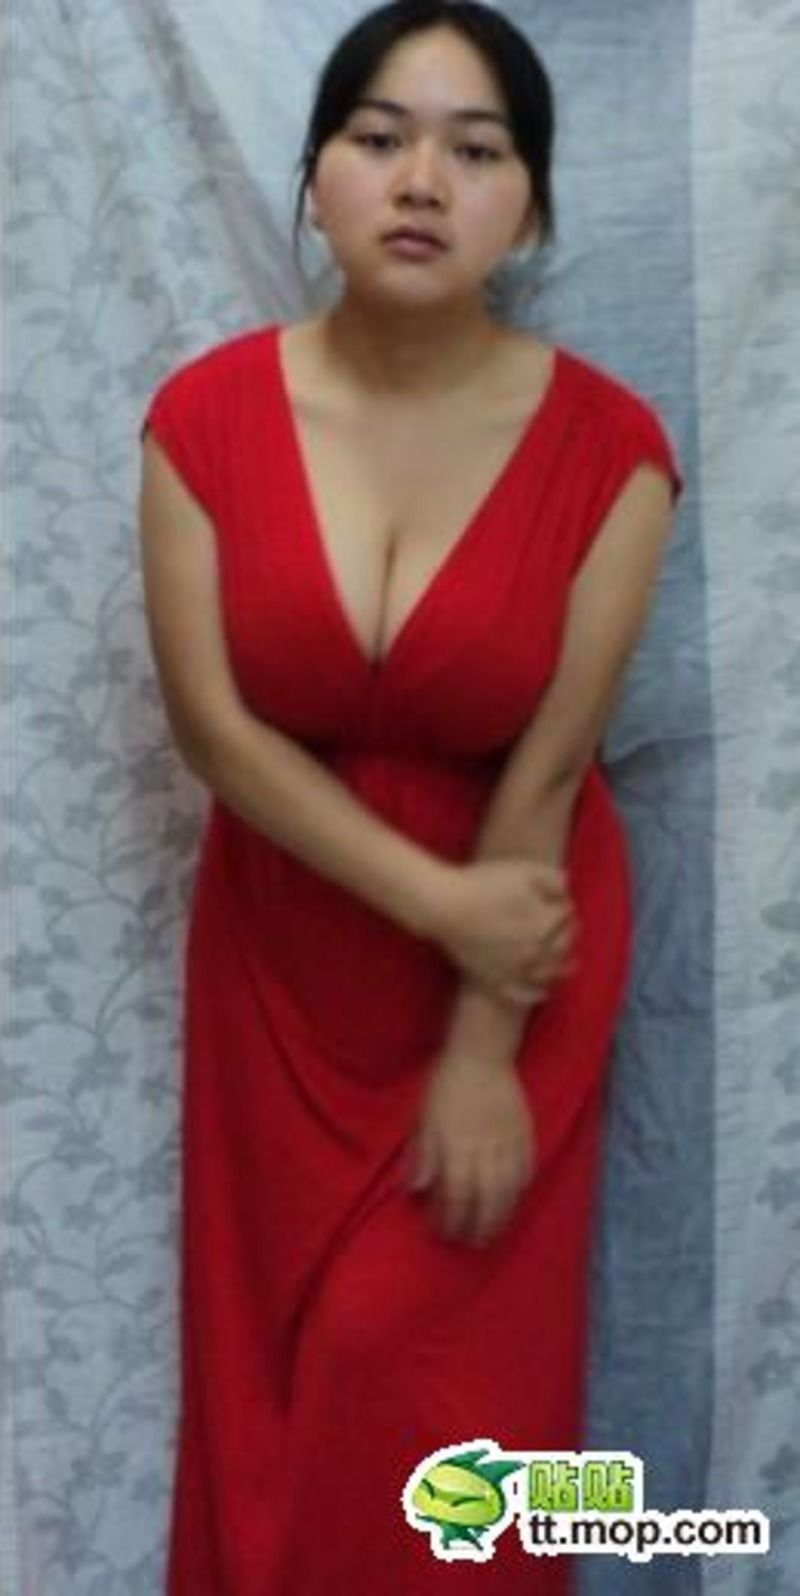 Девушка с большой грудью из китая